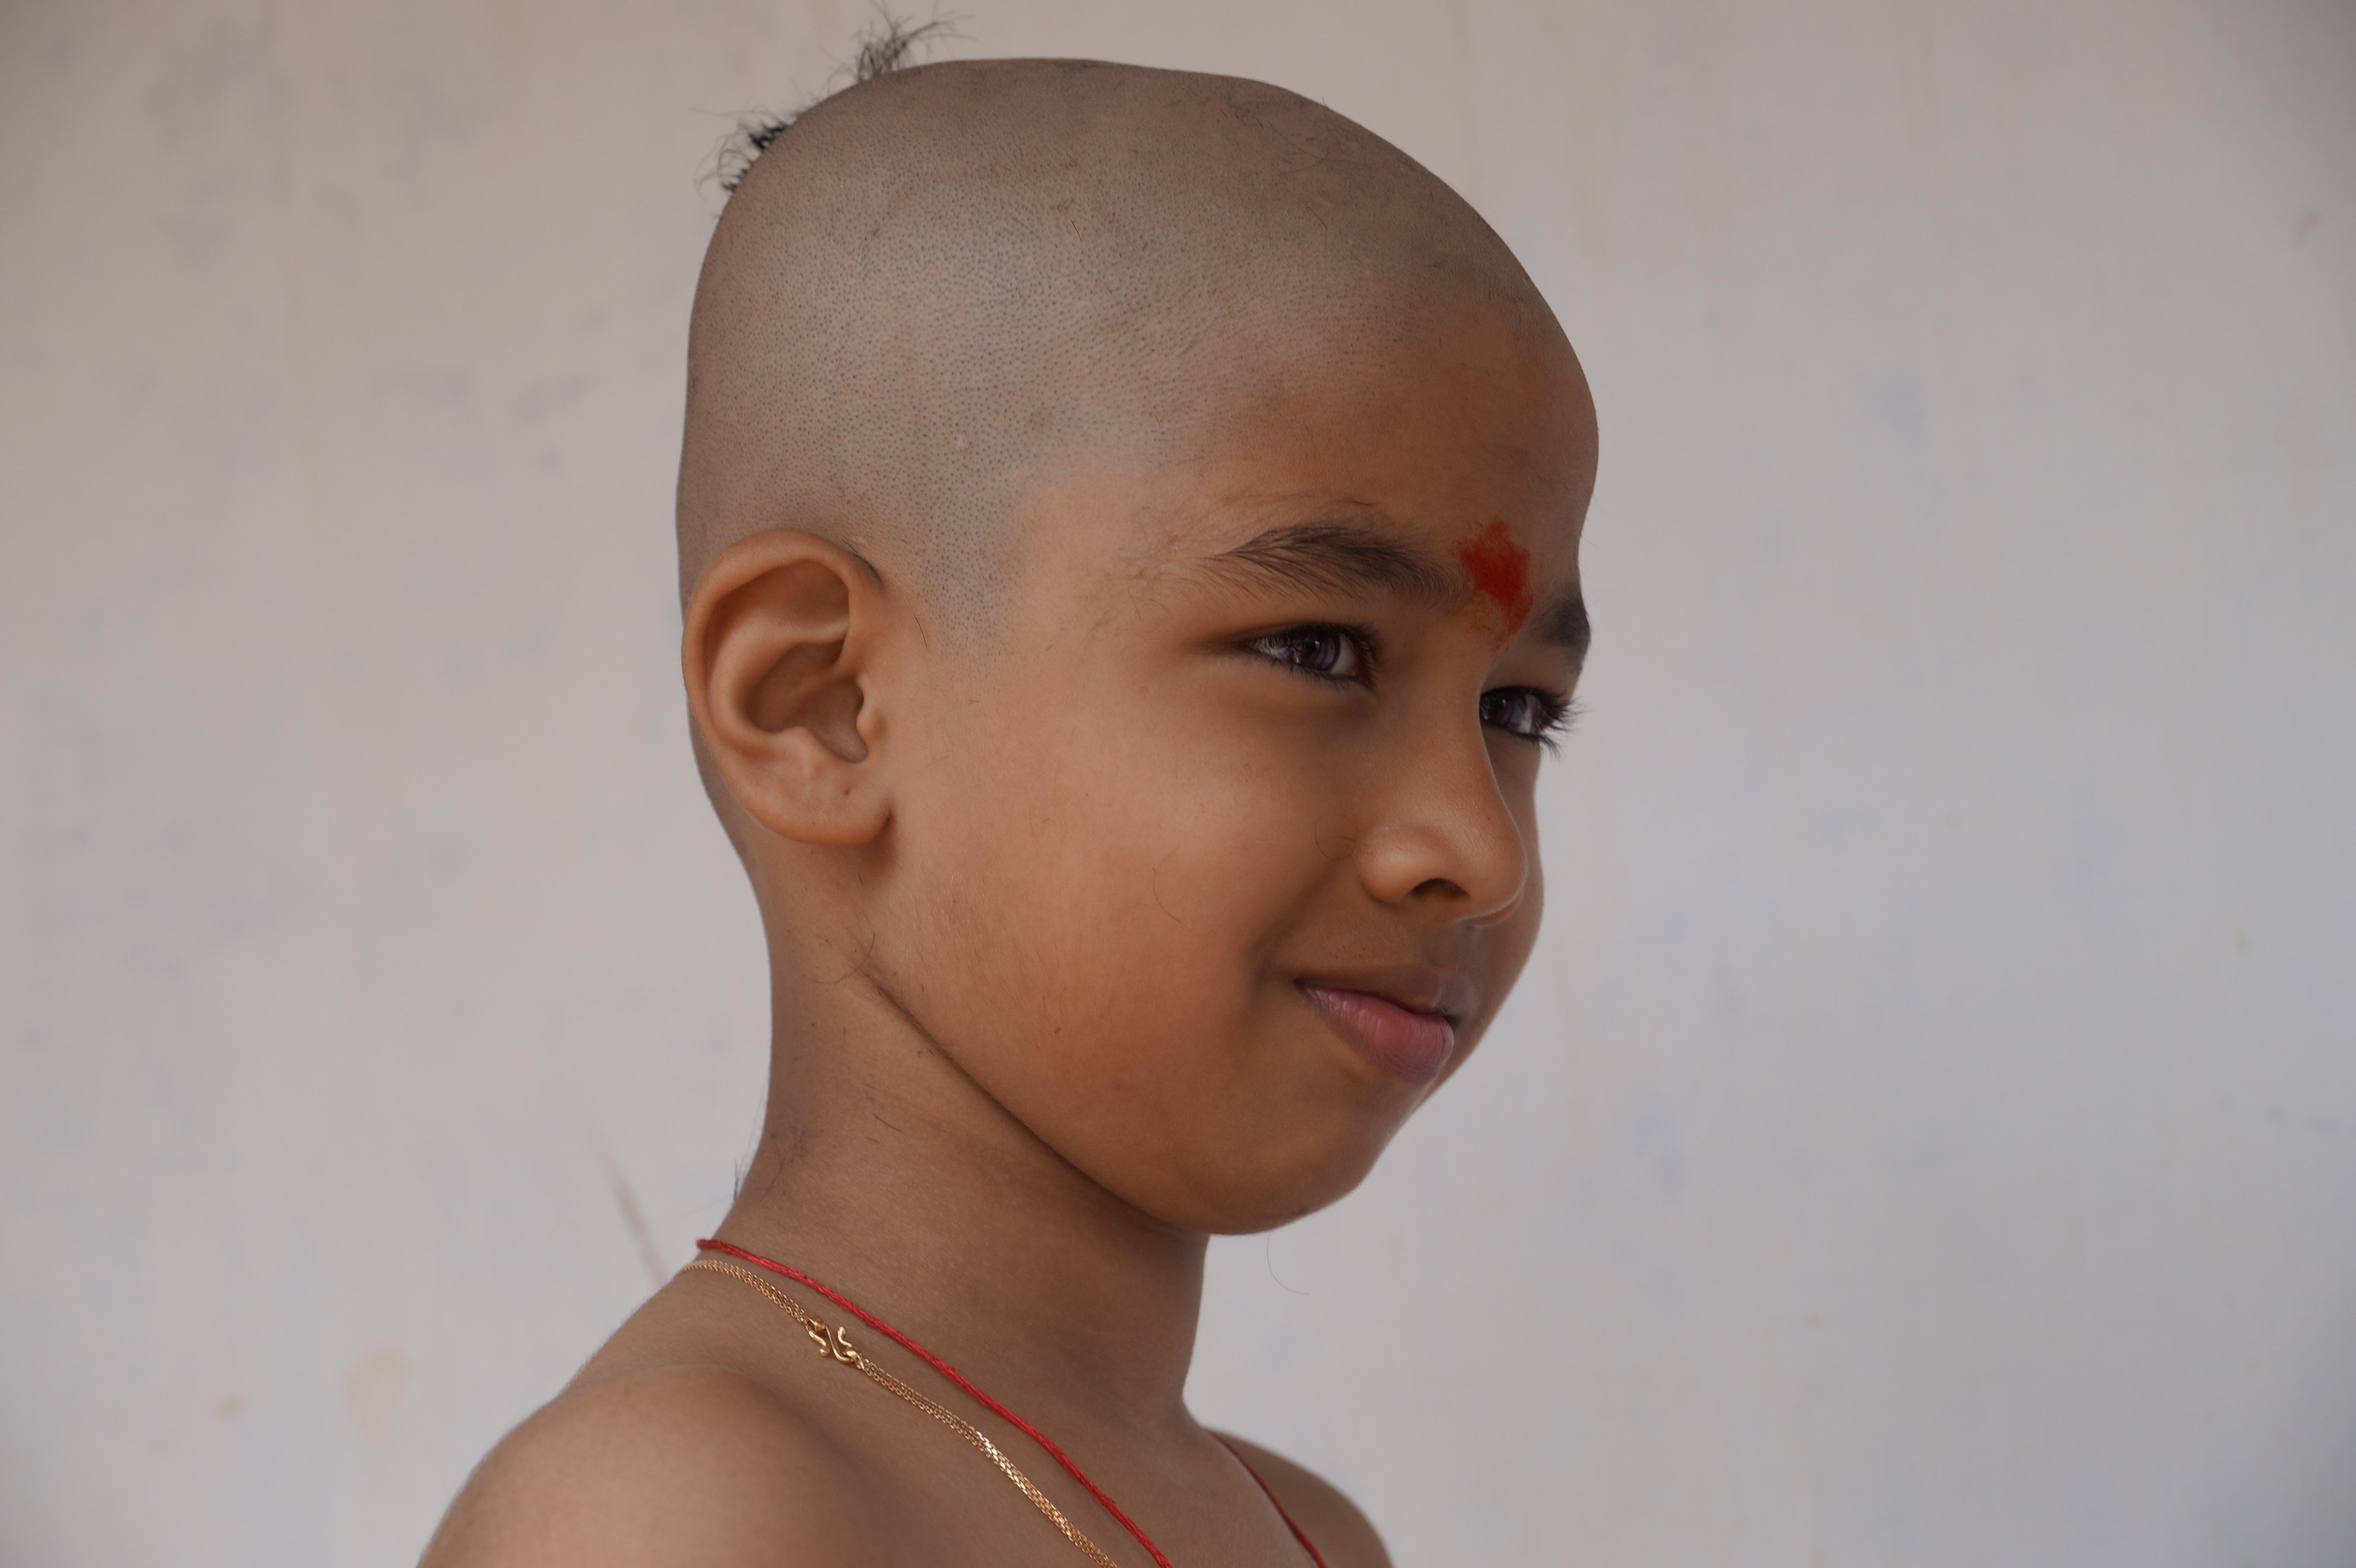 Images Gratuites La Personne Fille Cheveux Garcon Male